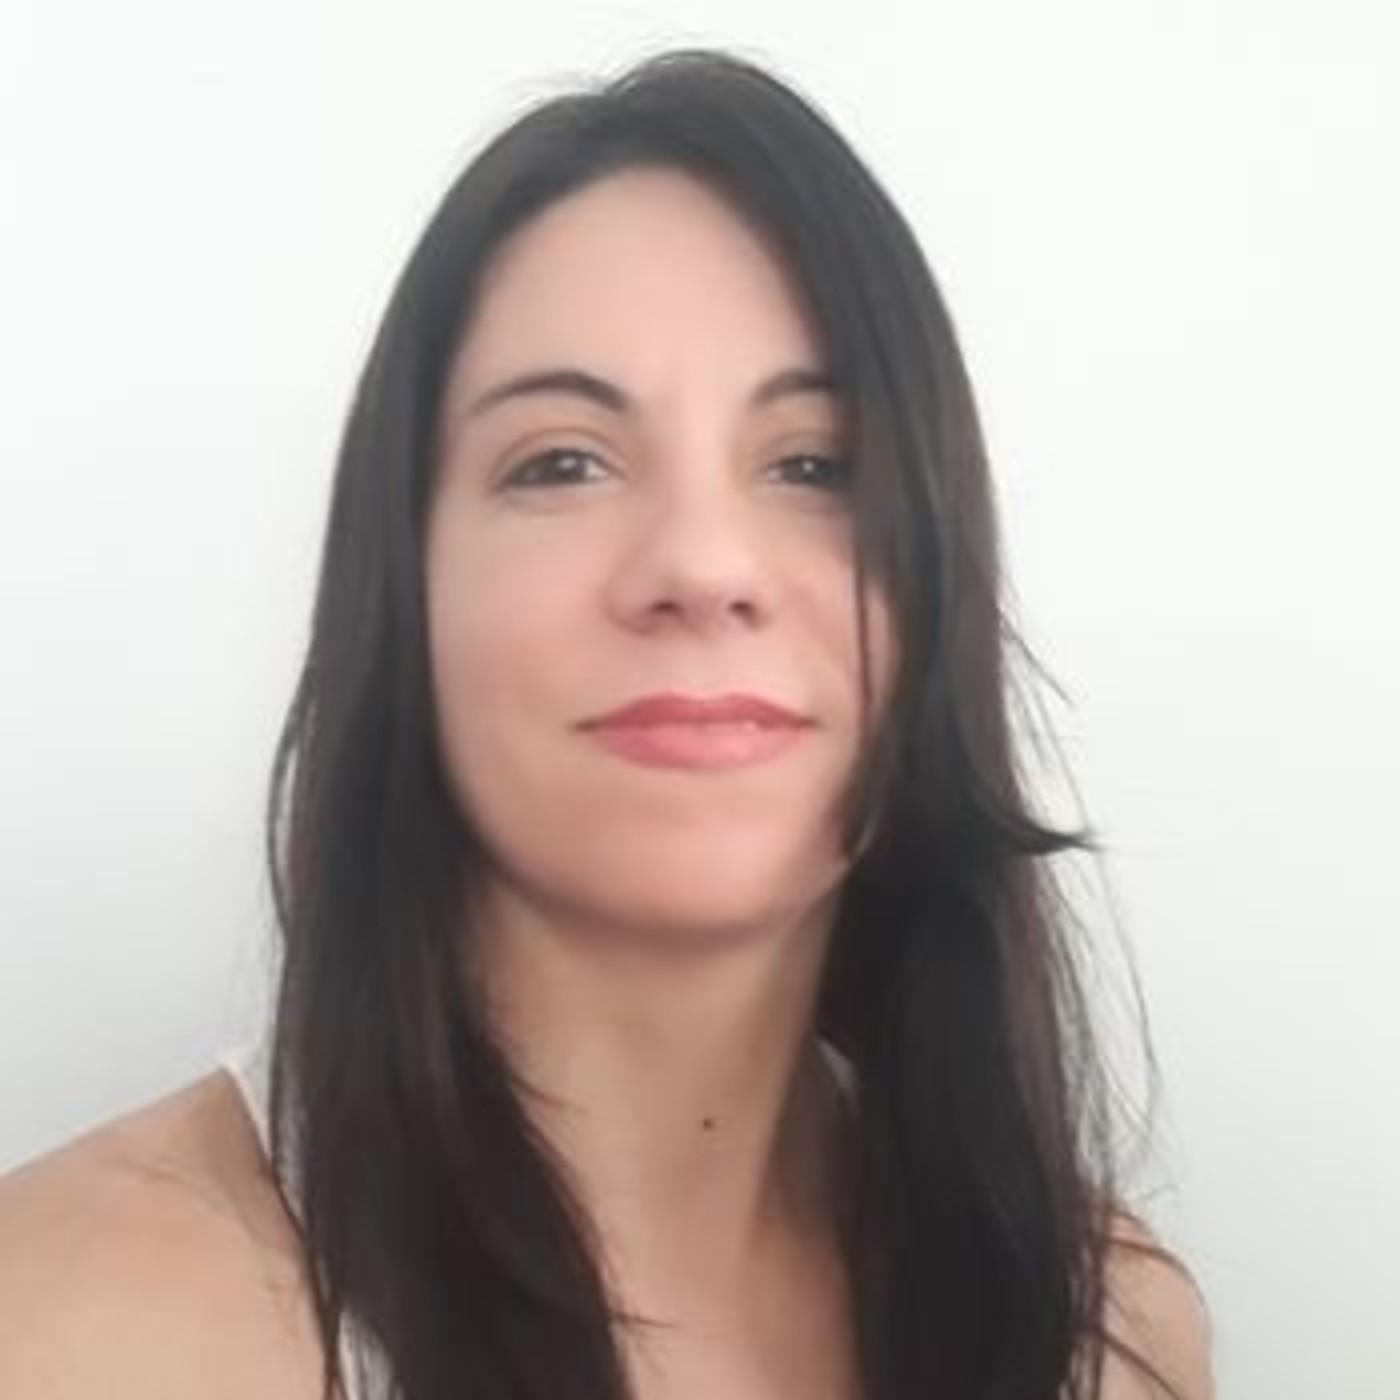 Natalia Biazzini periodista de Malviticias envió sus saludos en los 100 años de la radiofonía Argentina